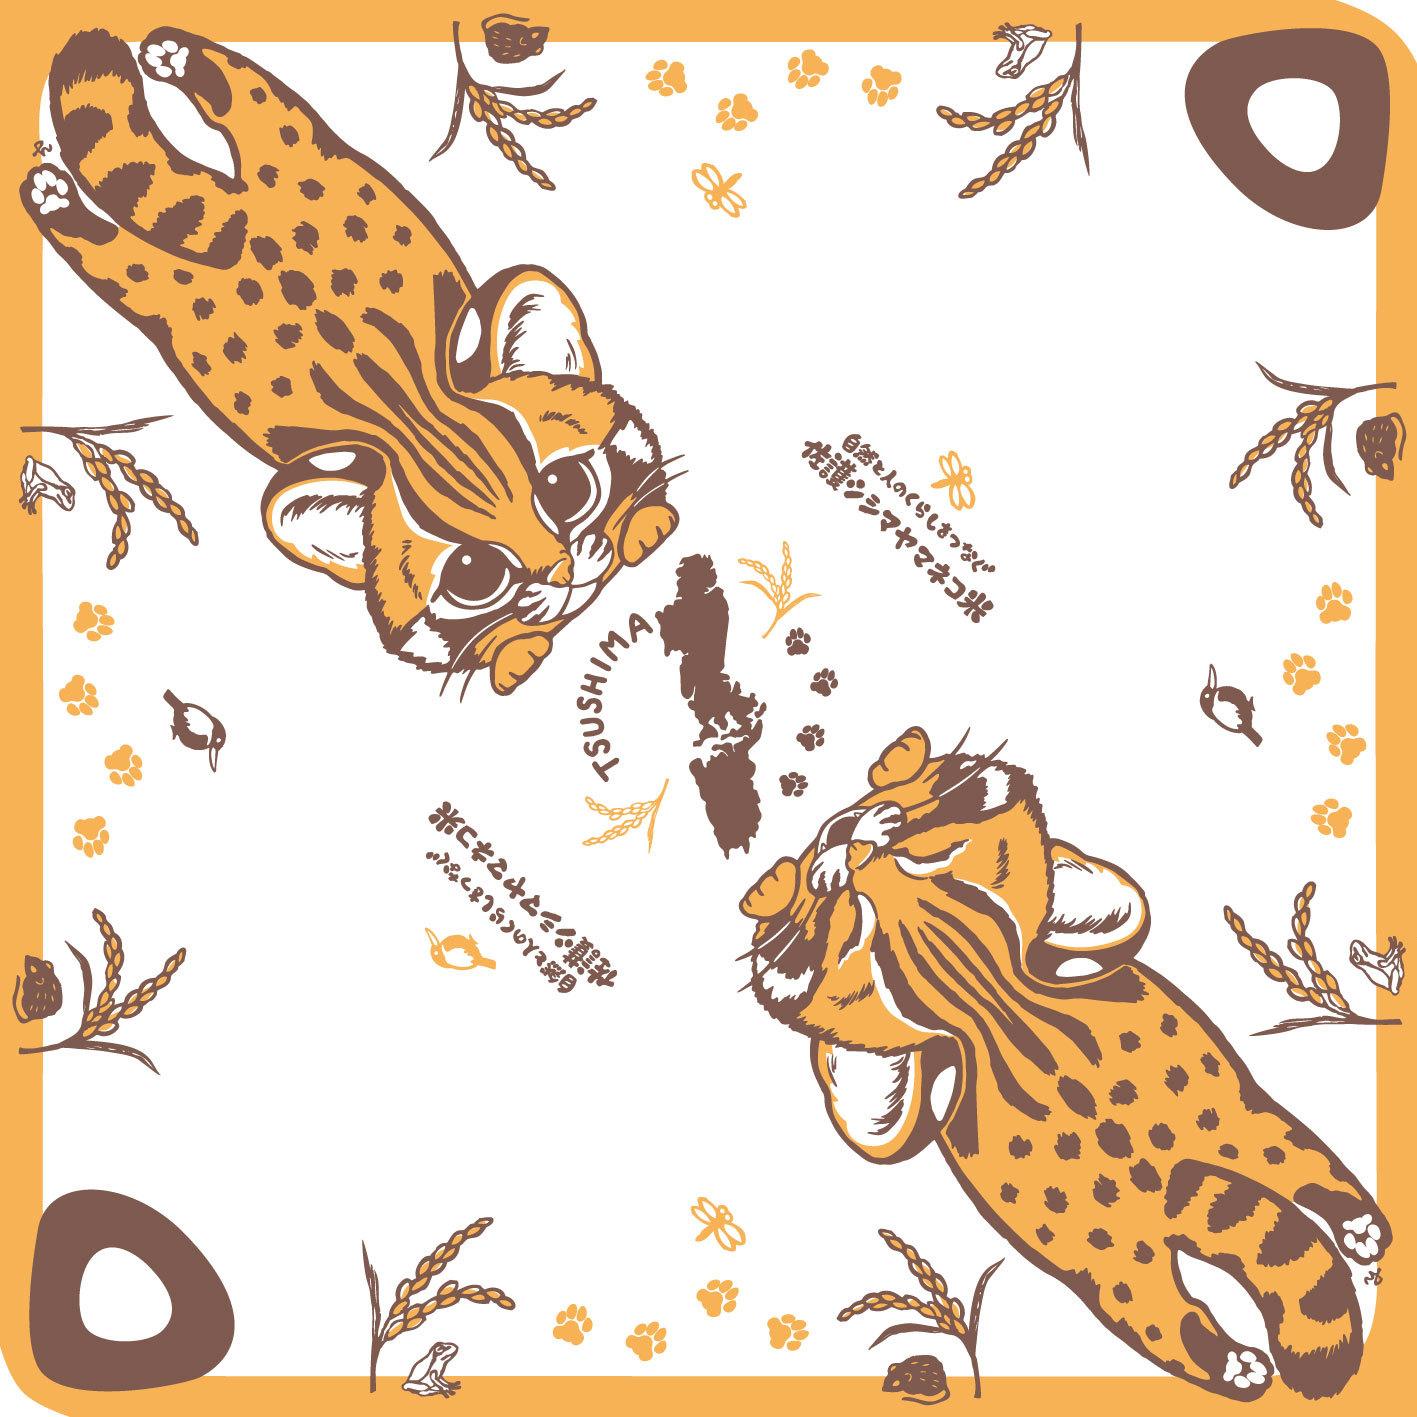 【やまぶき】佐護ツシマヤマネコ米ふろしき